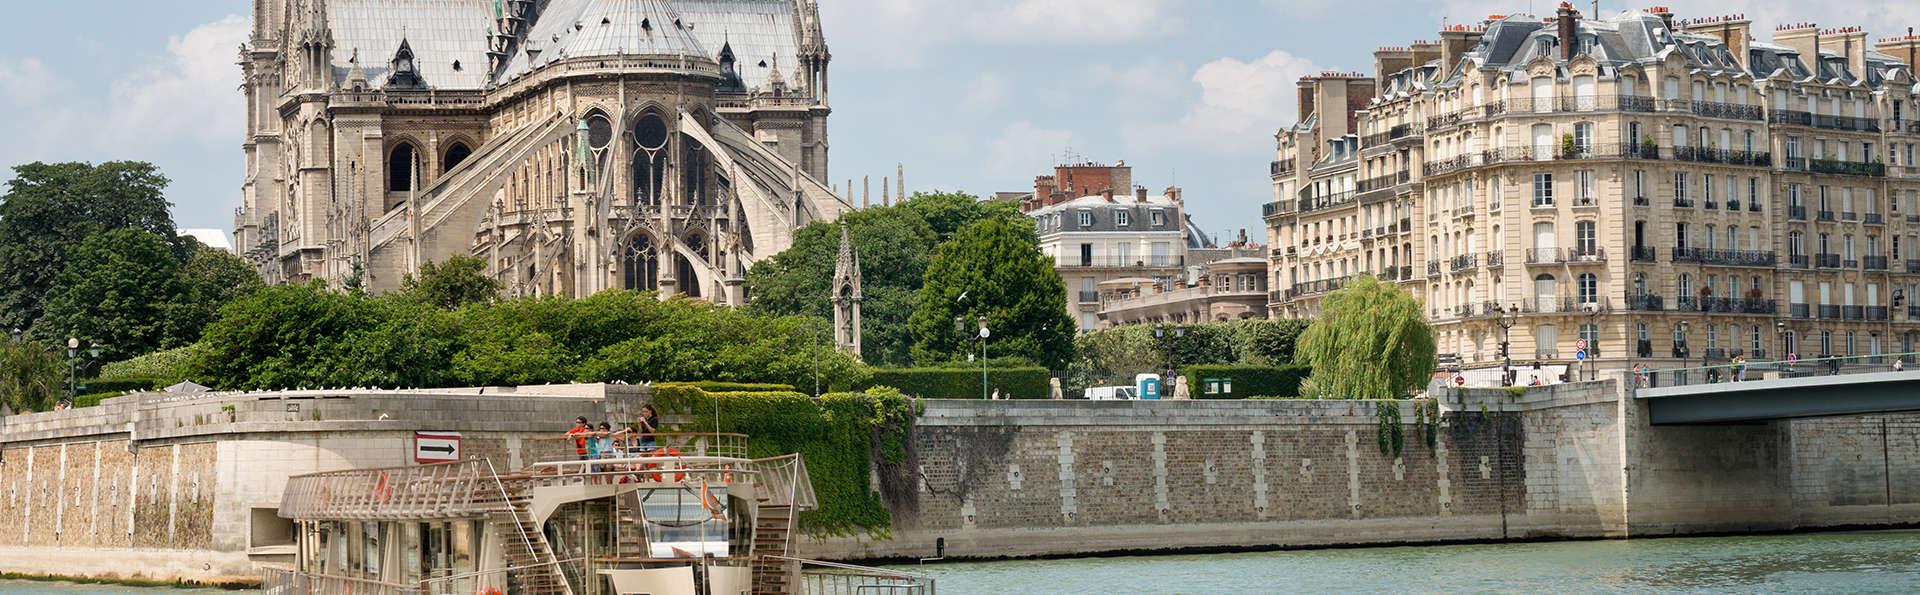 Ariane Montparnasse - Edit_Croiserie.jpg